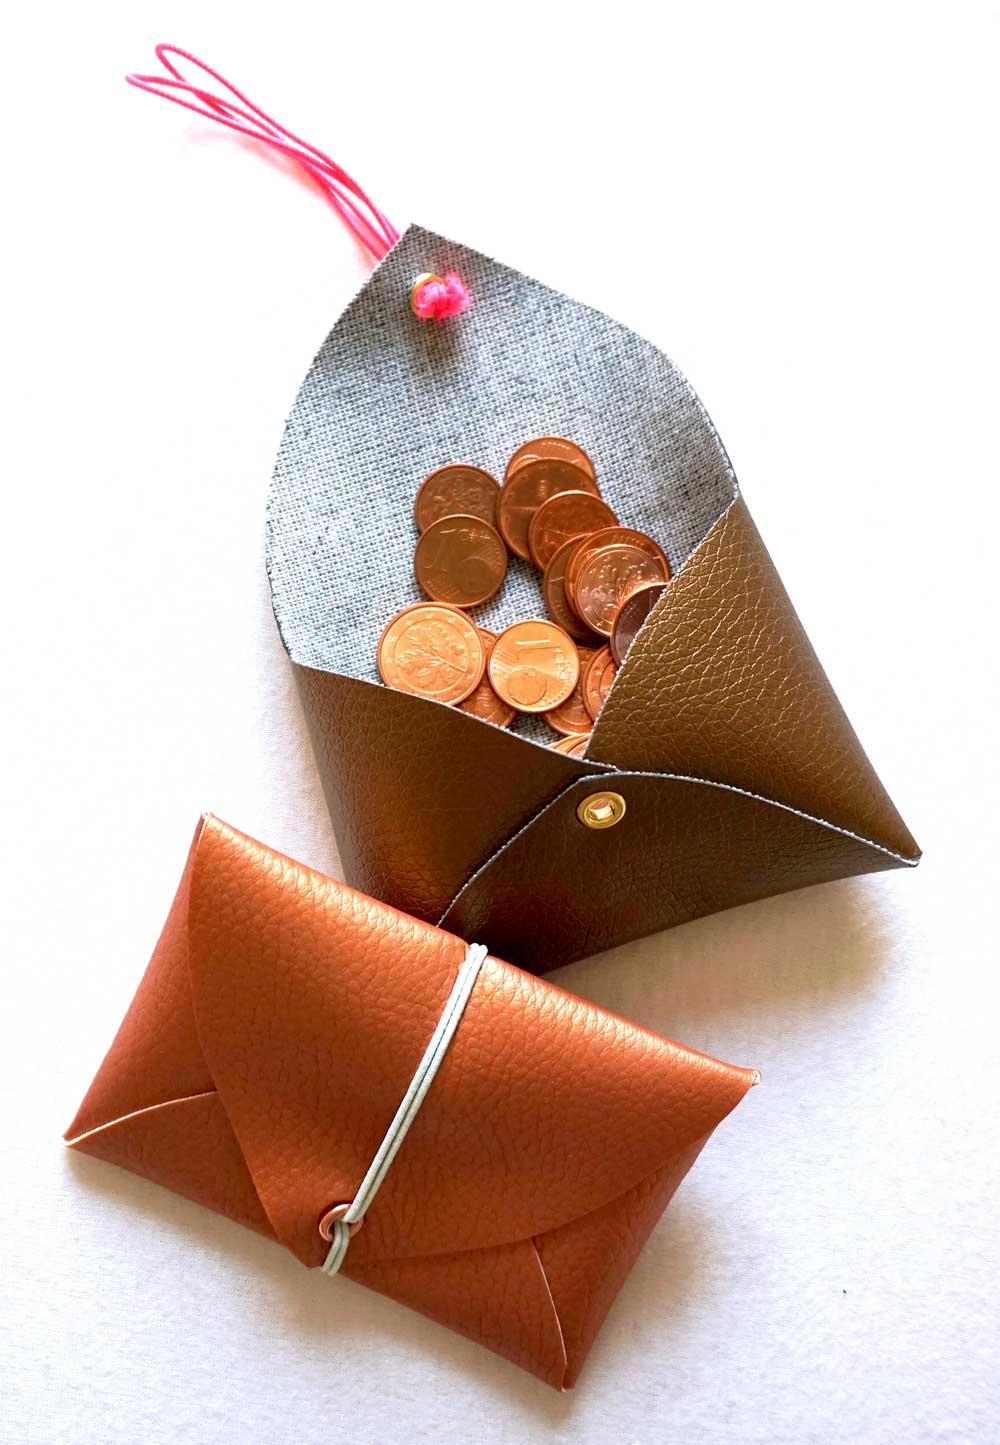 diy-geldboerse-geldbeutel-portemonnaie-geschenk-selbermachen